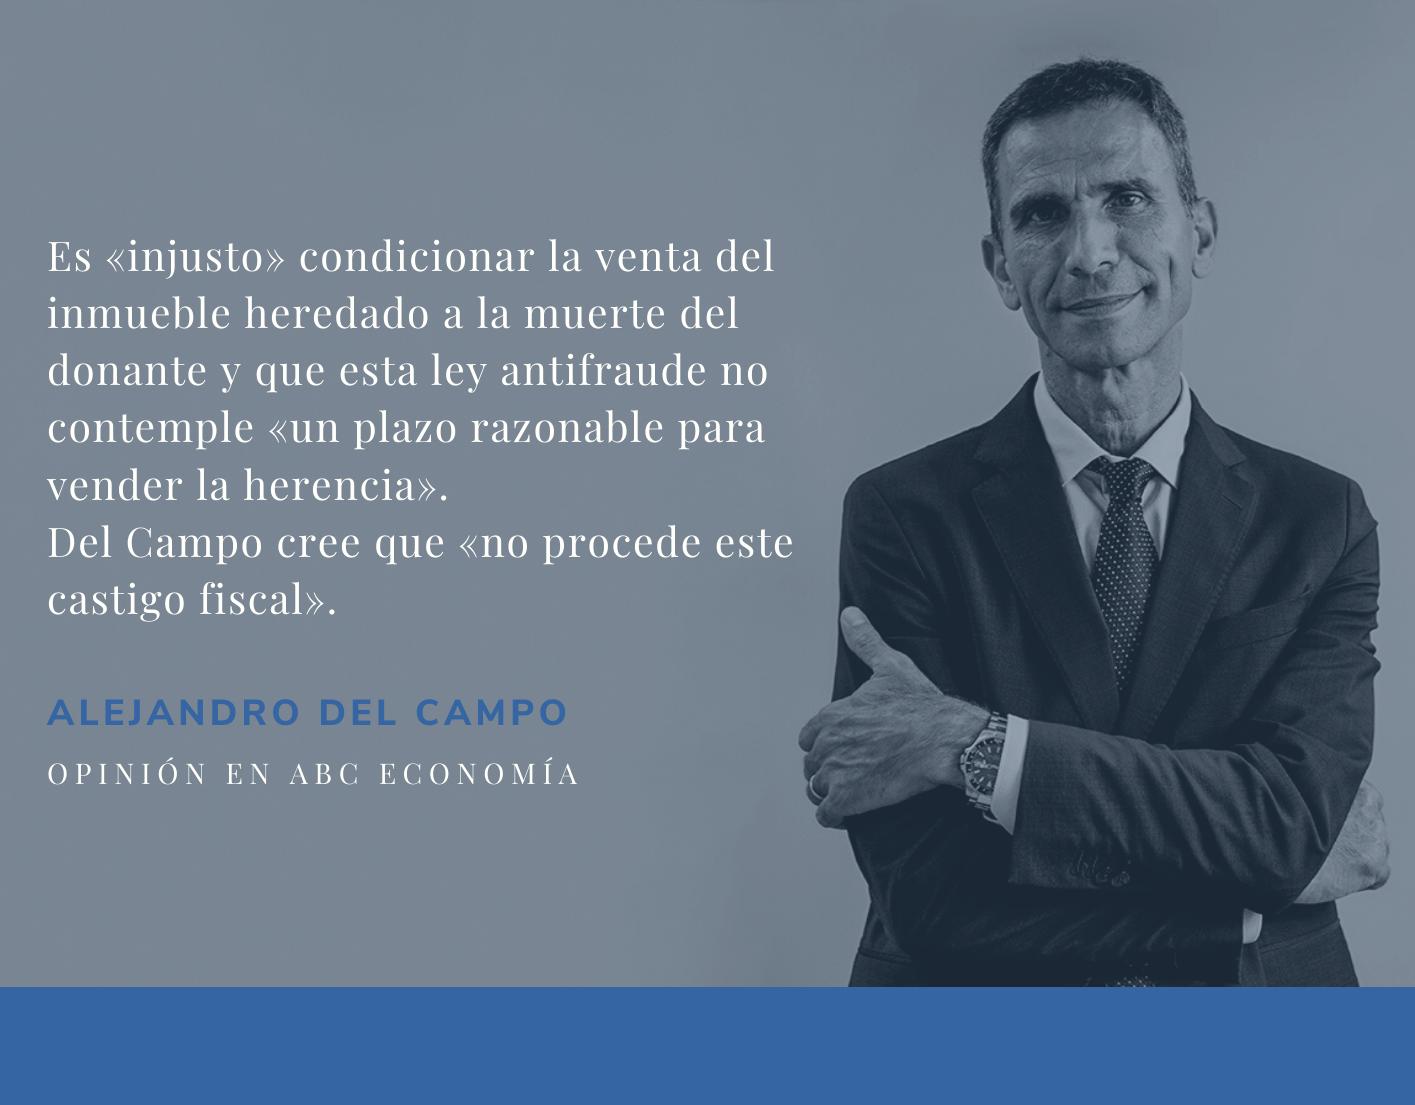 Castigo fiscal a las herencias en vida en Cataluña, Baleares y Galicia. Alejandro del Campo citado en el diario ABC Economía.